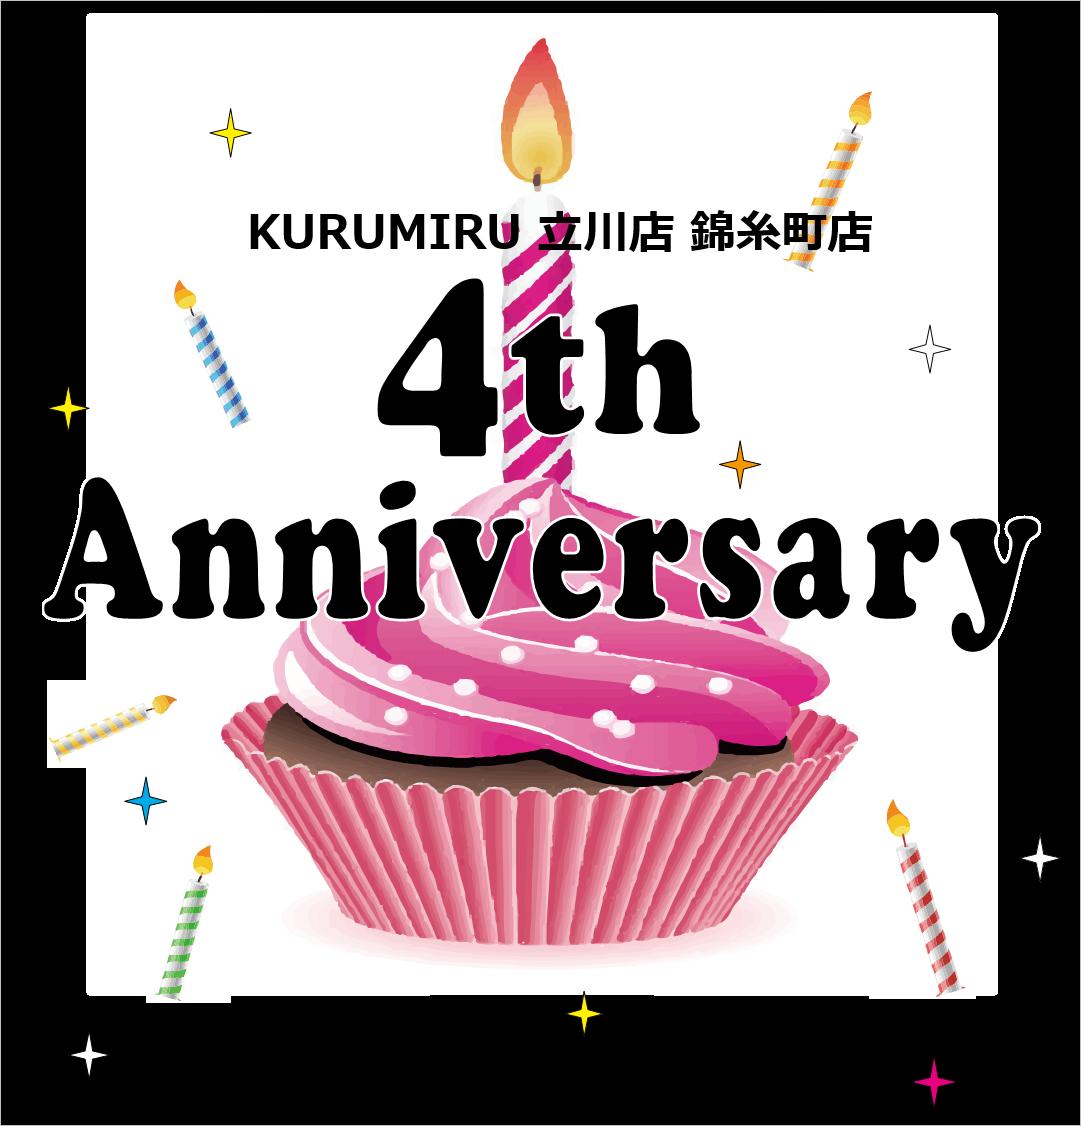 立川店 錦糸町店4th Anniversaryフェアスタート!